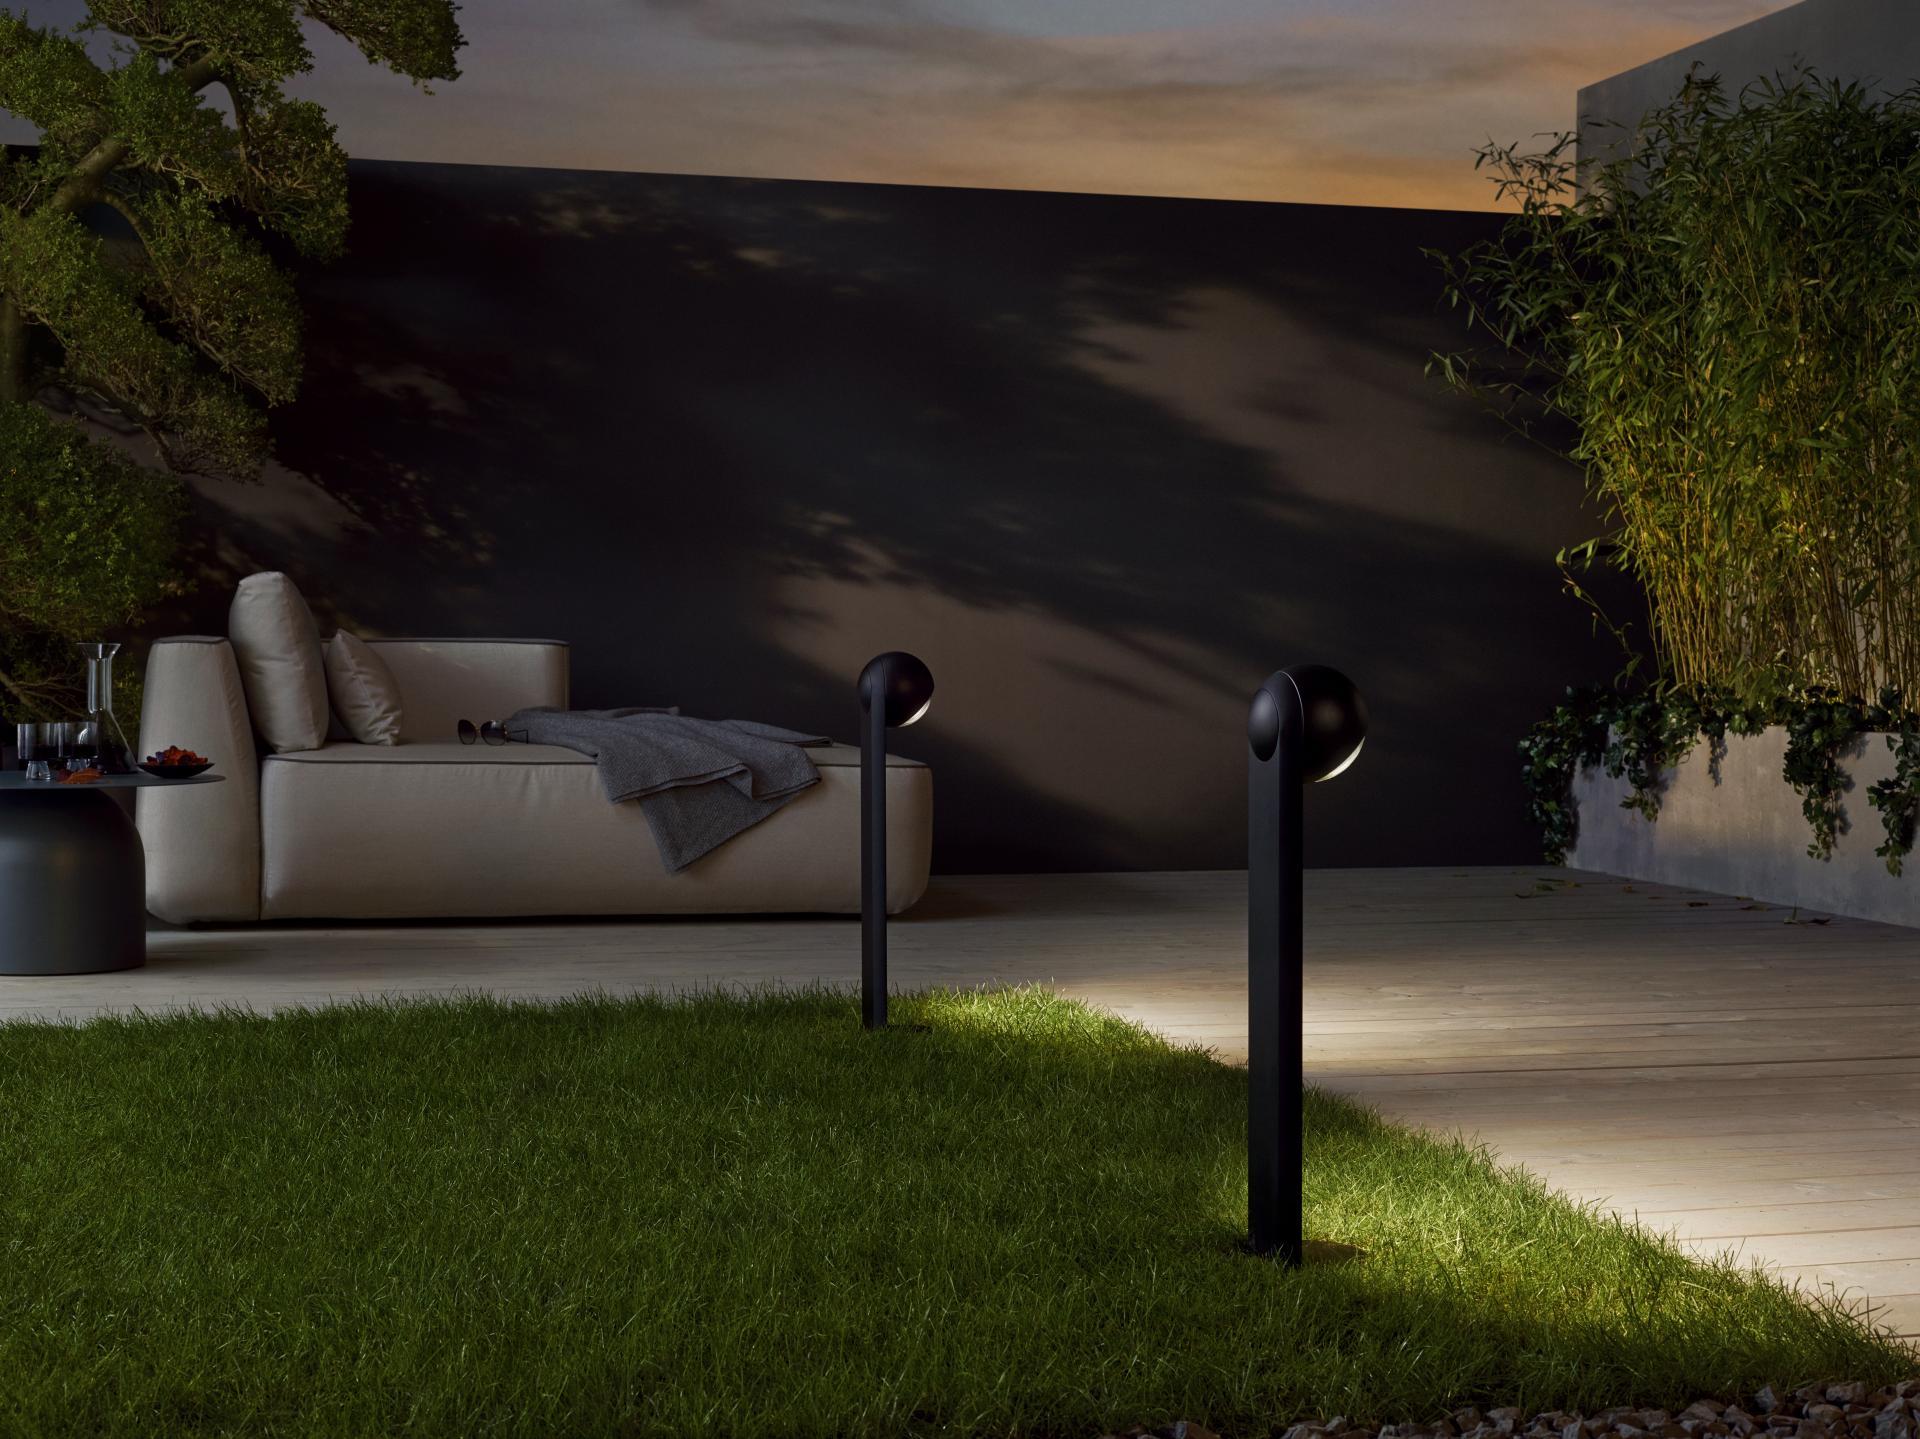 Asco lights - gardens & decks - hints & tips